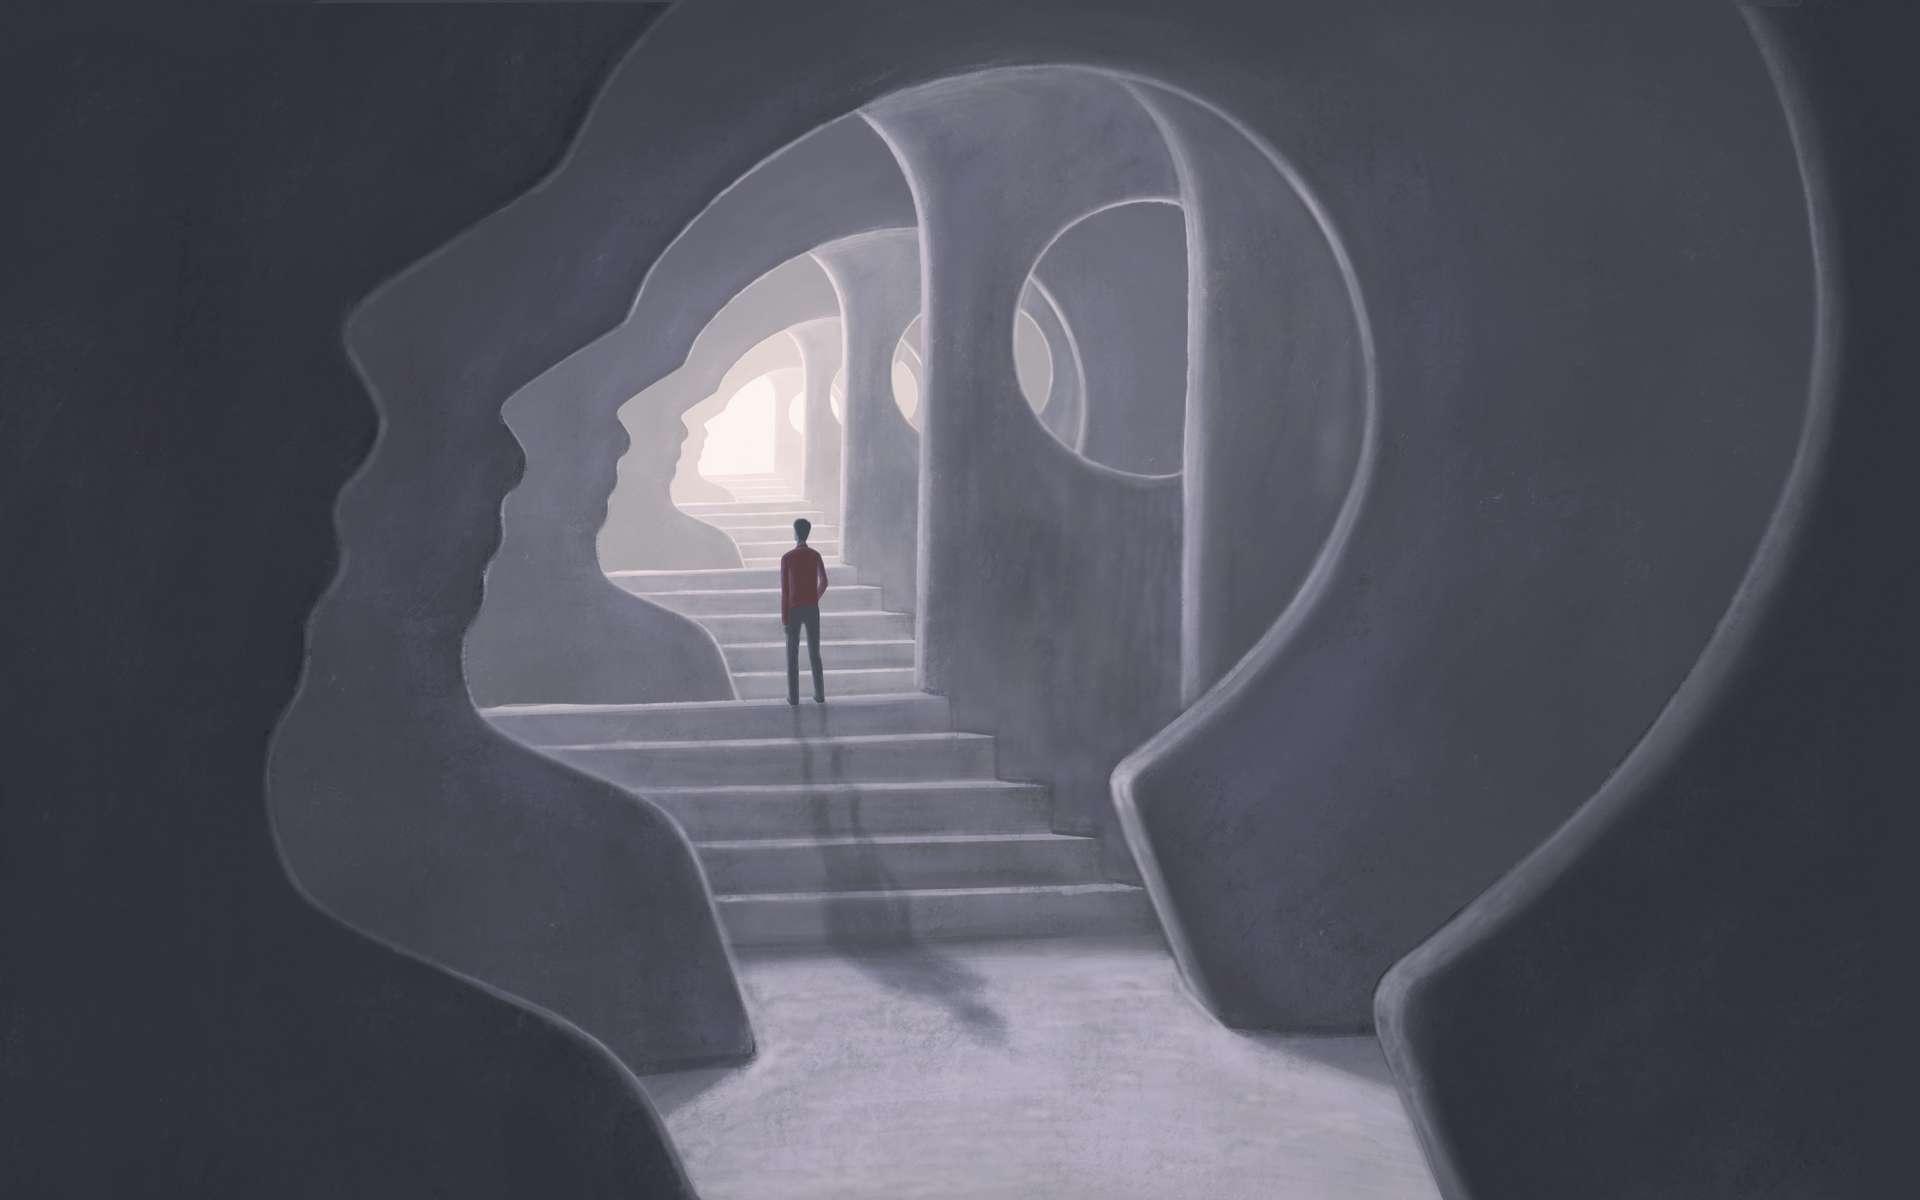 Des chercheurs en neurosciences proposent une nouvelle théorie pour expliquer les rêves bizarres. © Jorm S, Adobe Stock